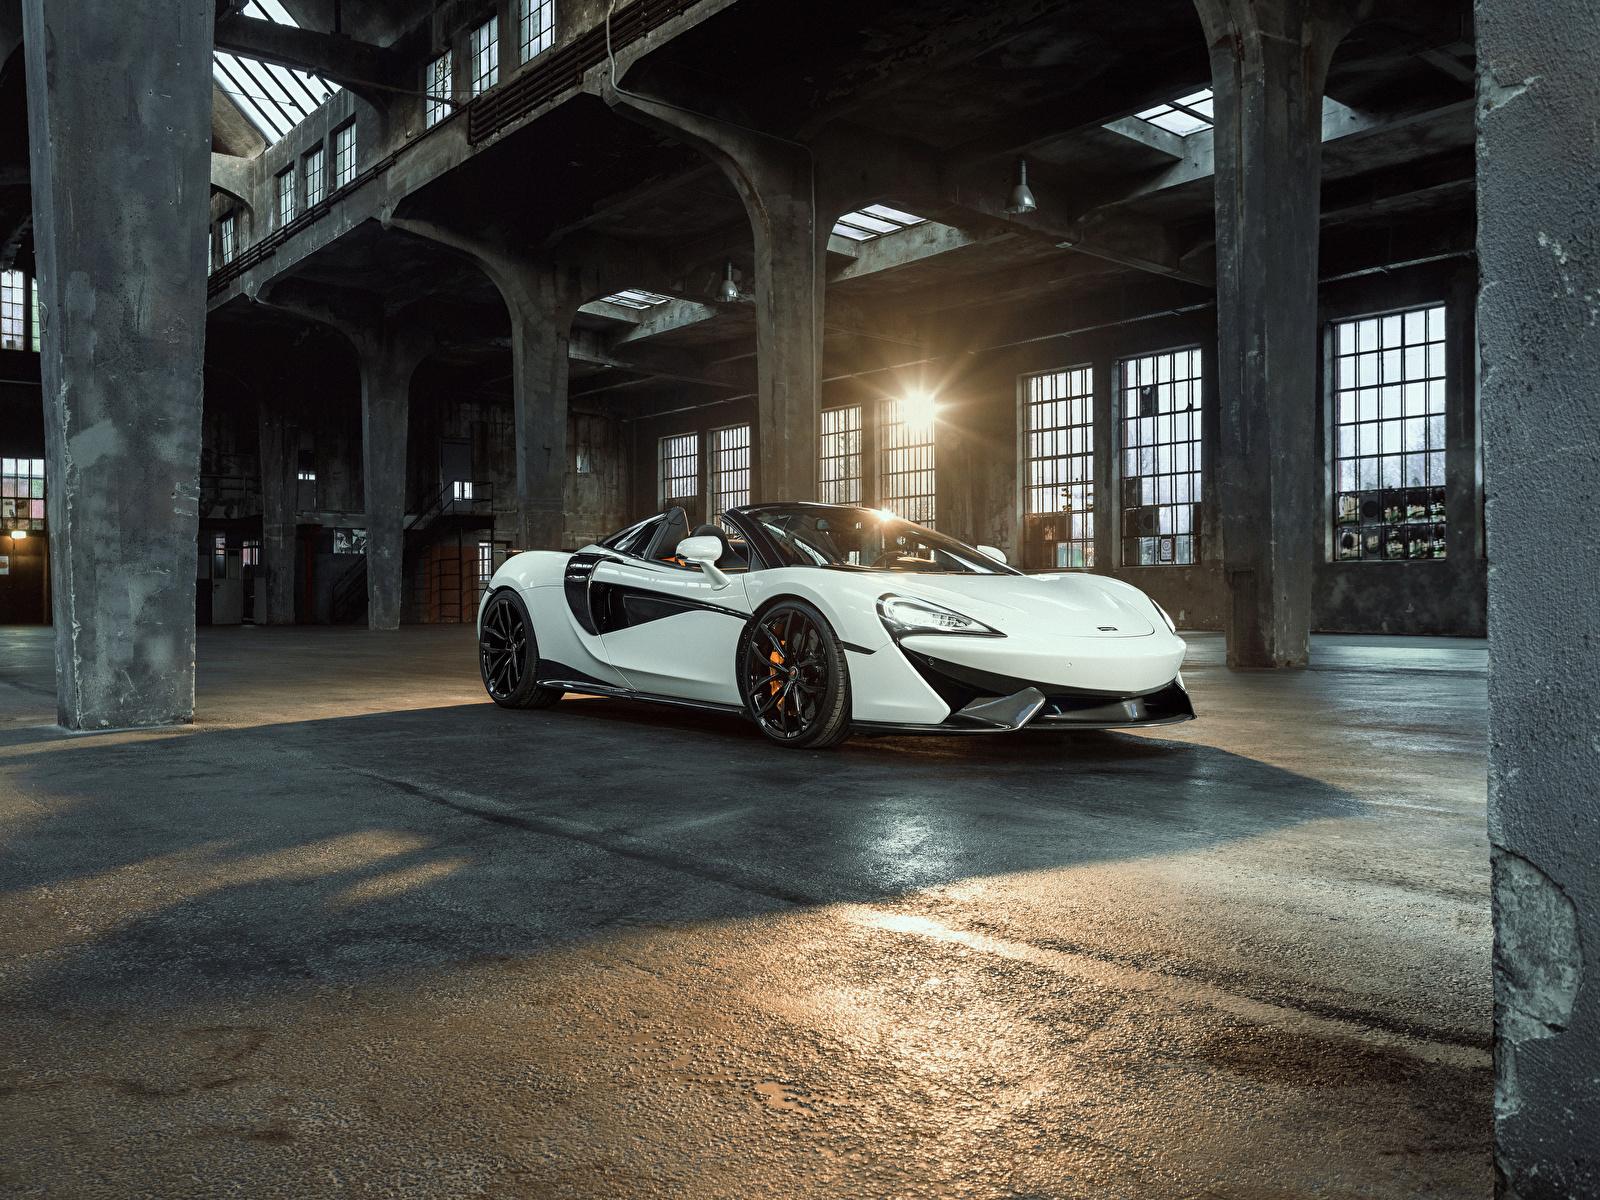 Картинка McLaren 2018 Novitec 570S Spider белые машины Металлик 1600x1200 Макларен белых Белый белая авто машина автомобиль Автомобили